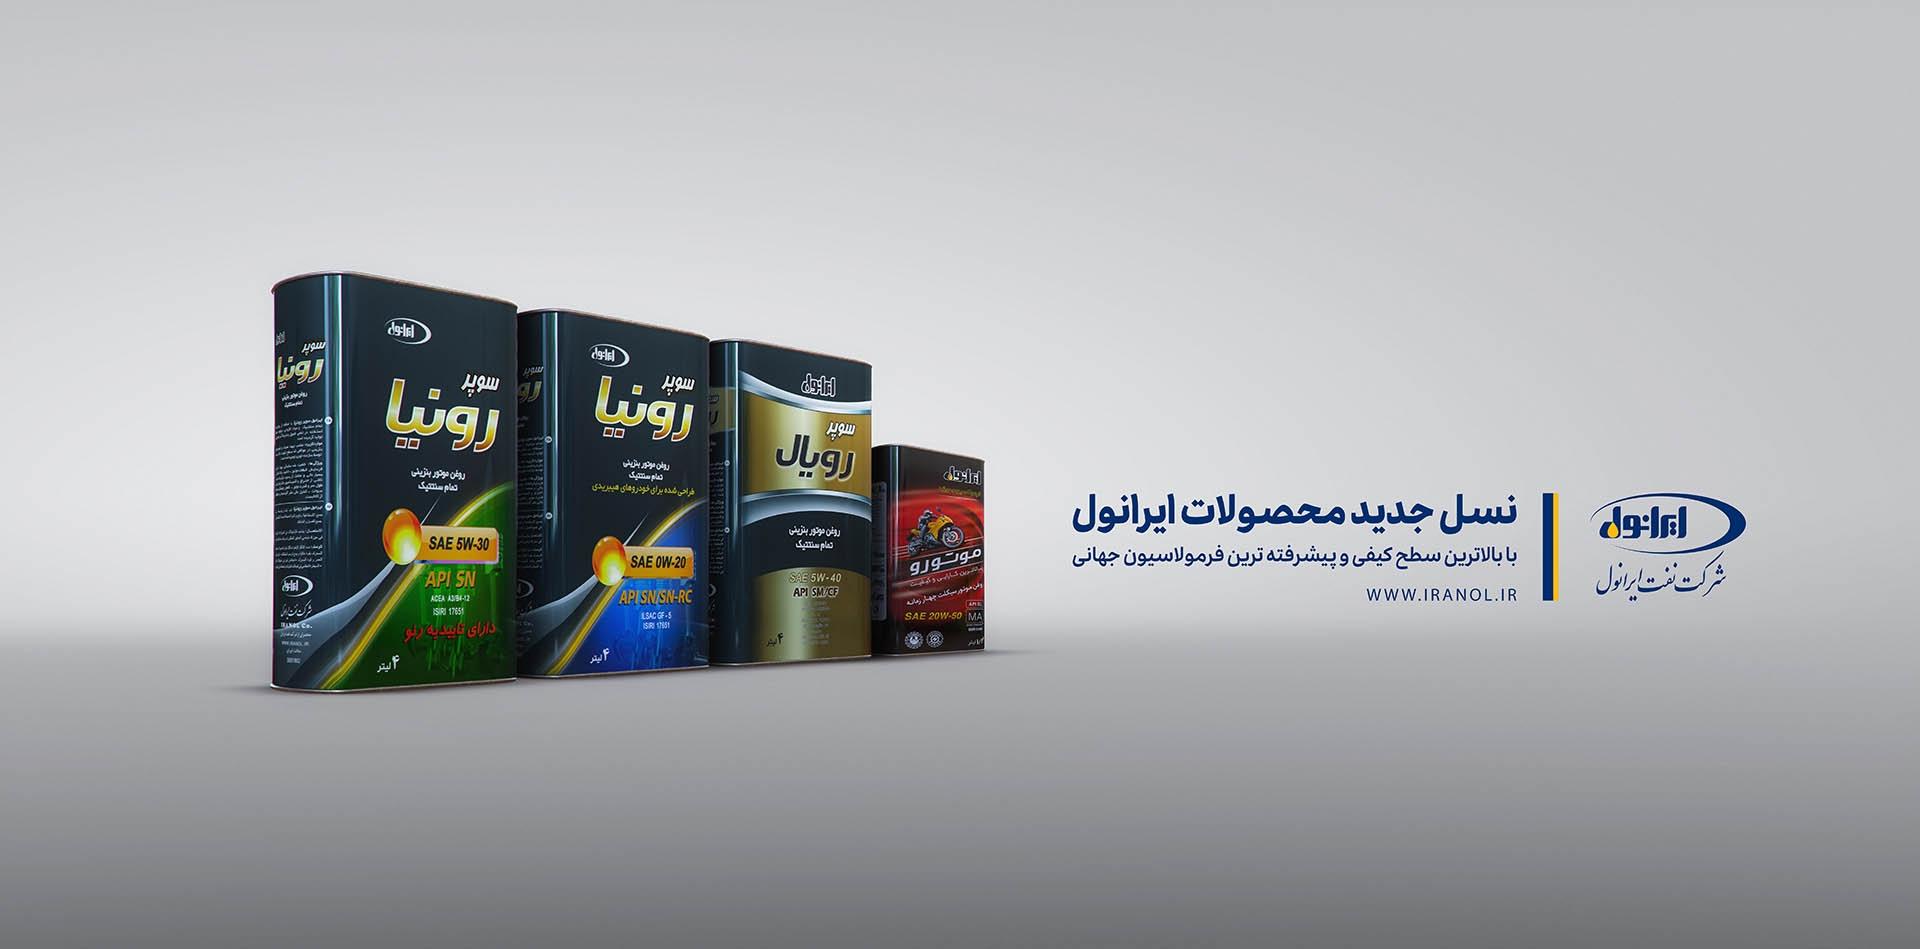 نسل جدید محصولات ایرانول